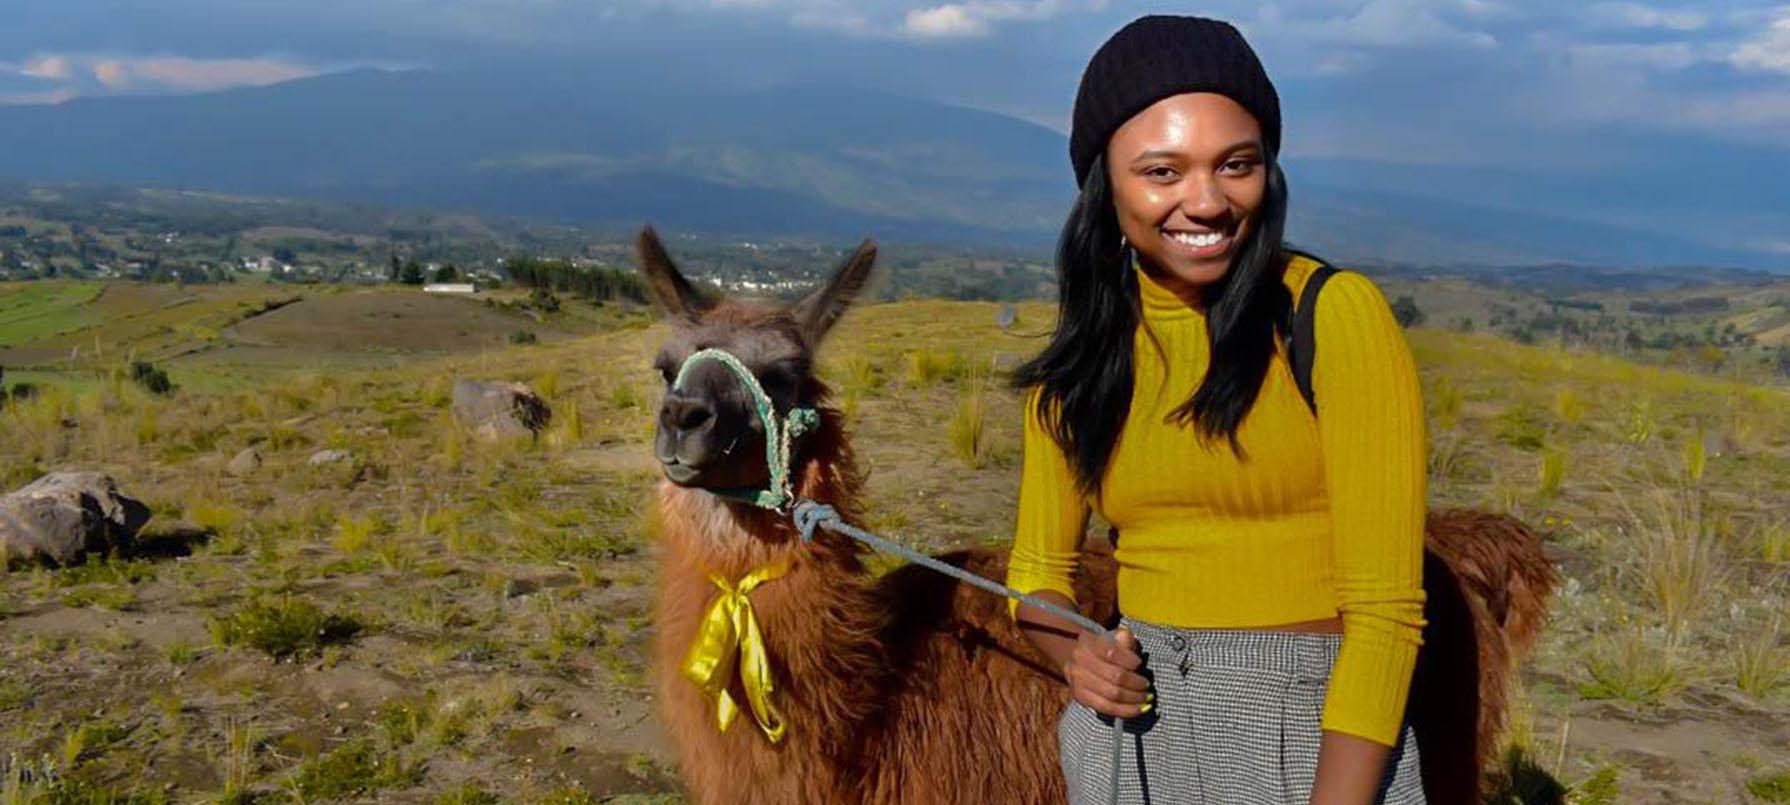 Lauryn with Llamas